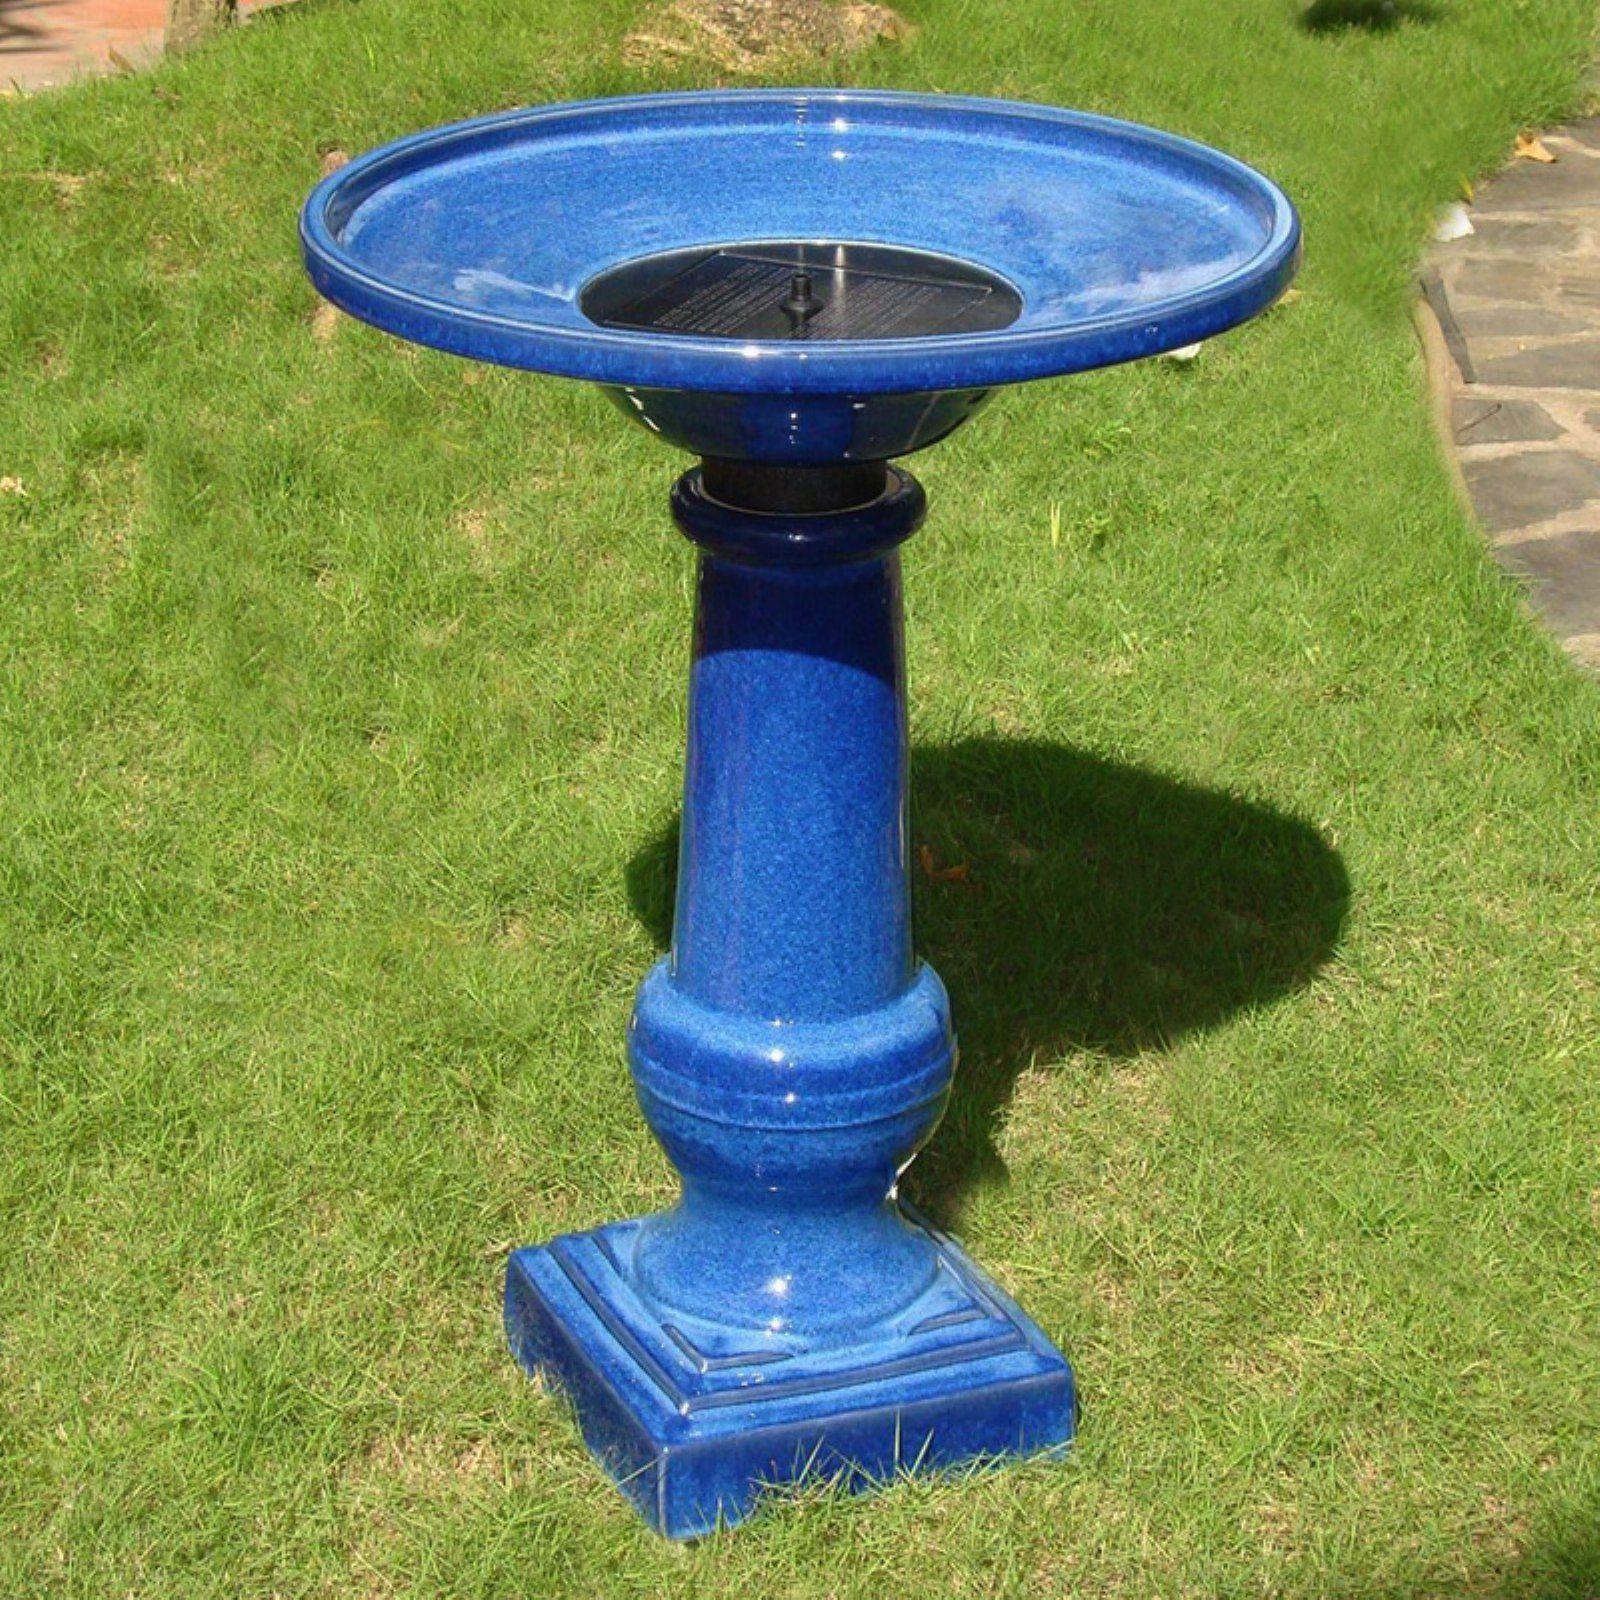 Amazon Com Smart Garden 25372rm1 Athena Glazed Blue Ceramic Birdbath Fountain With Solar On Demand Patio La Bird Bath Fountain Ceramic Bird Bath Bird Bath